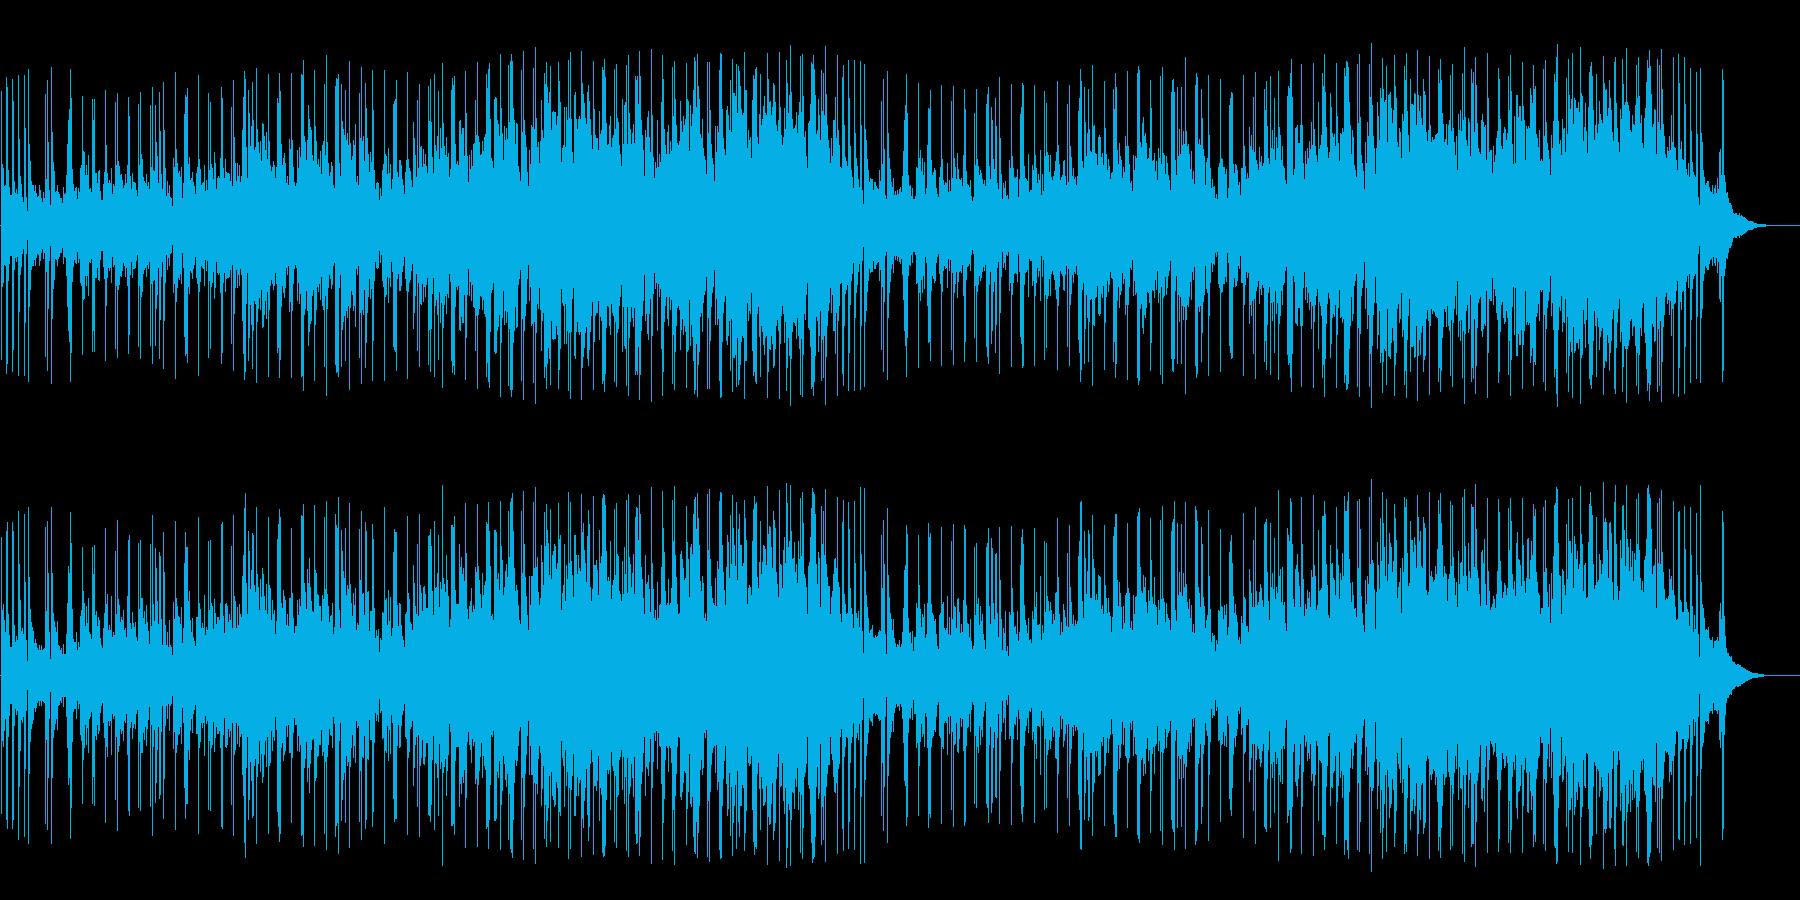 ちょっと感傷的なバラード/ポップの再生済みの波形